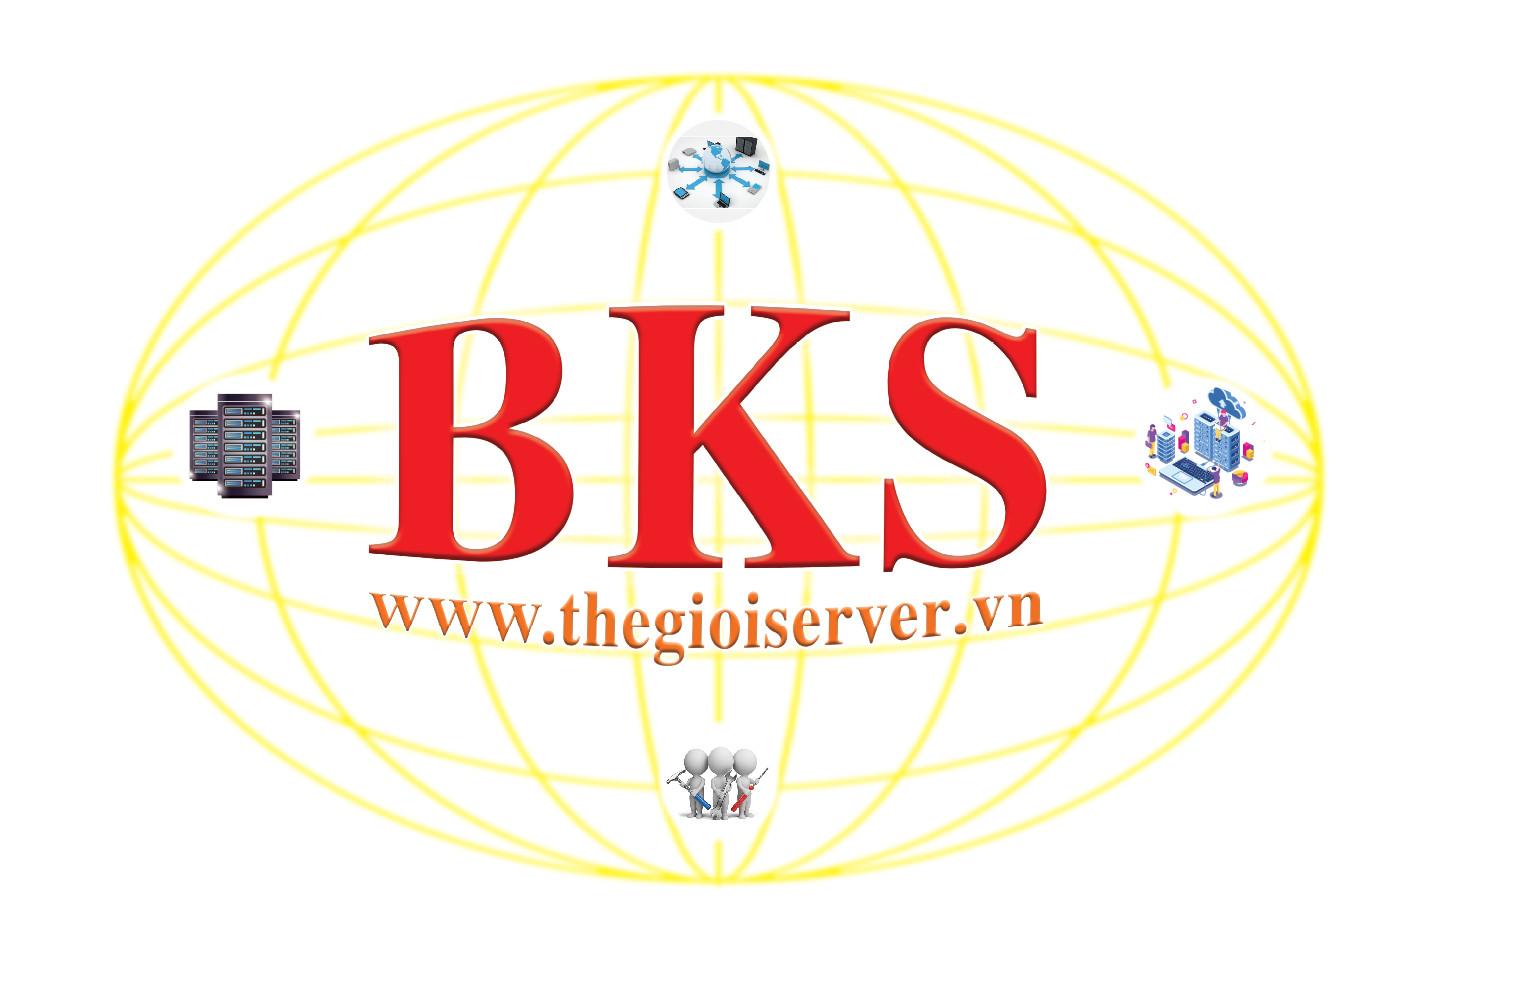 BKS-THEGIOISERVER